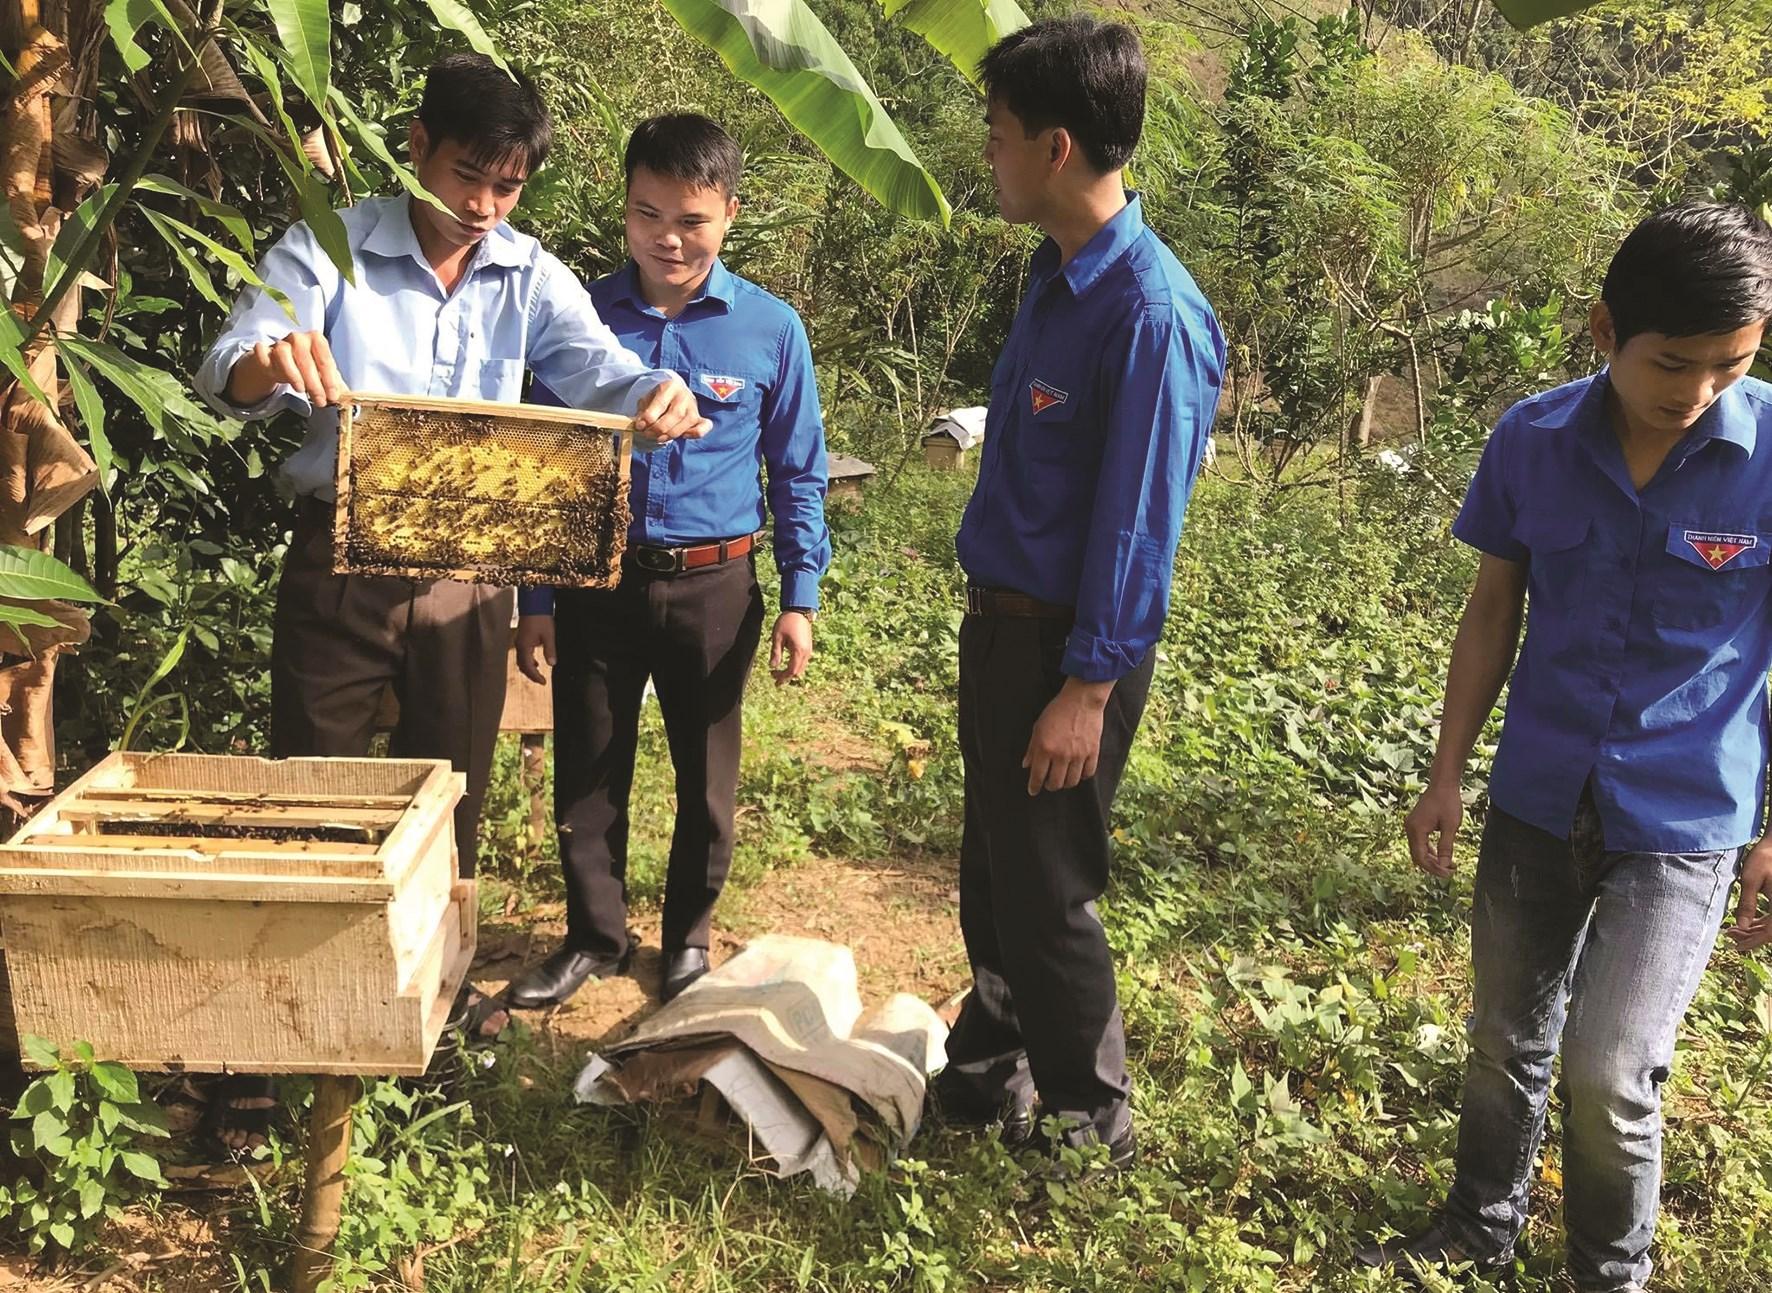 Cán bộ Phòng Nông nghiệp huyện Kim Bôi hướng dẫn thành viên HTX Nông nghiệp xanh Kim Bôi mô hình nuôi ong sáp trong nông nghiệp xanh